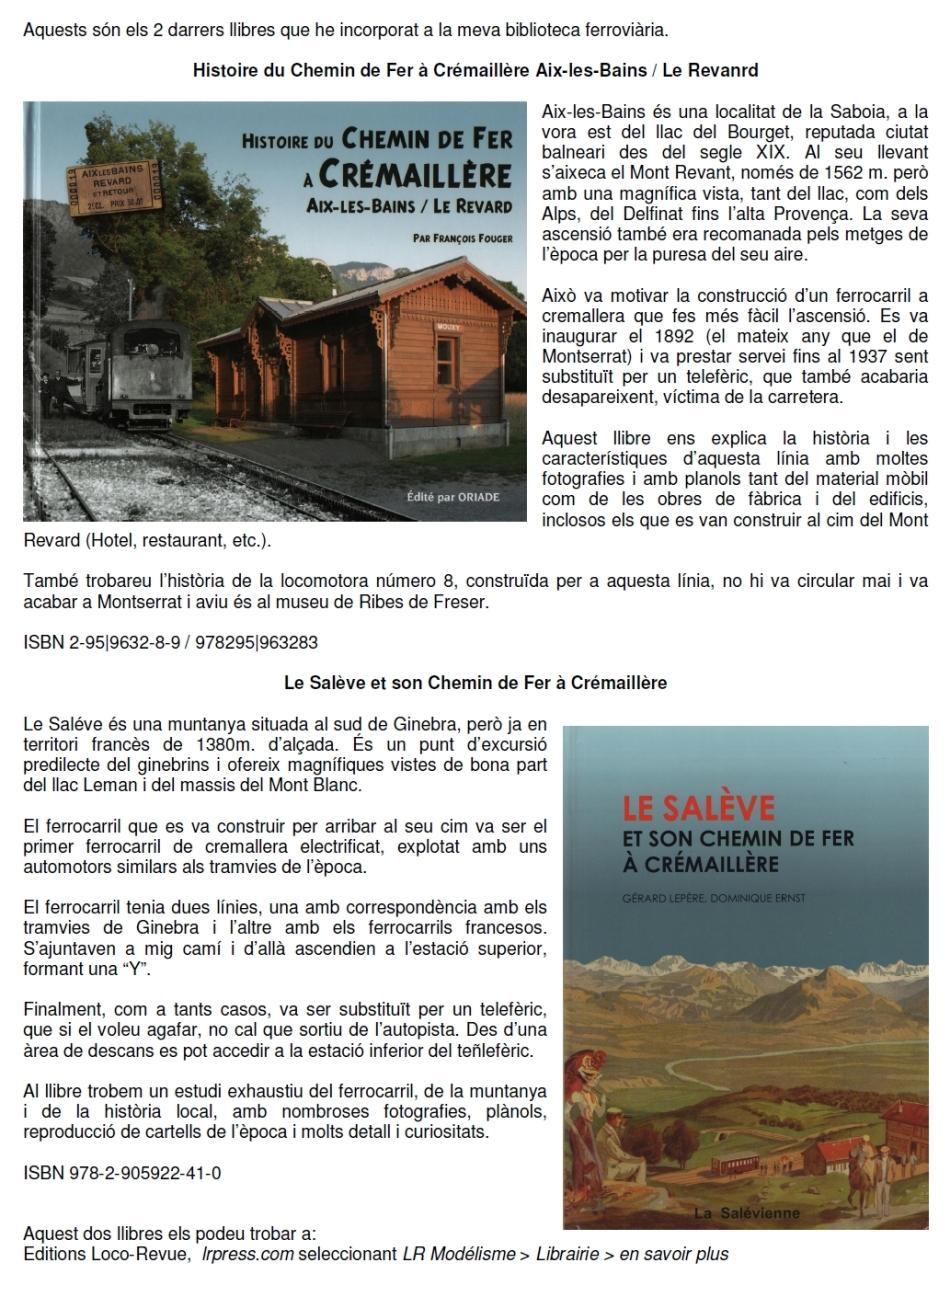 Parlem de llibres, documents i pel·lícules ferroviàries 14 – Ernest Godó